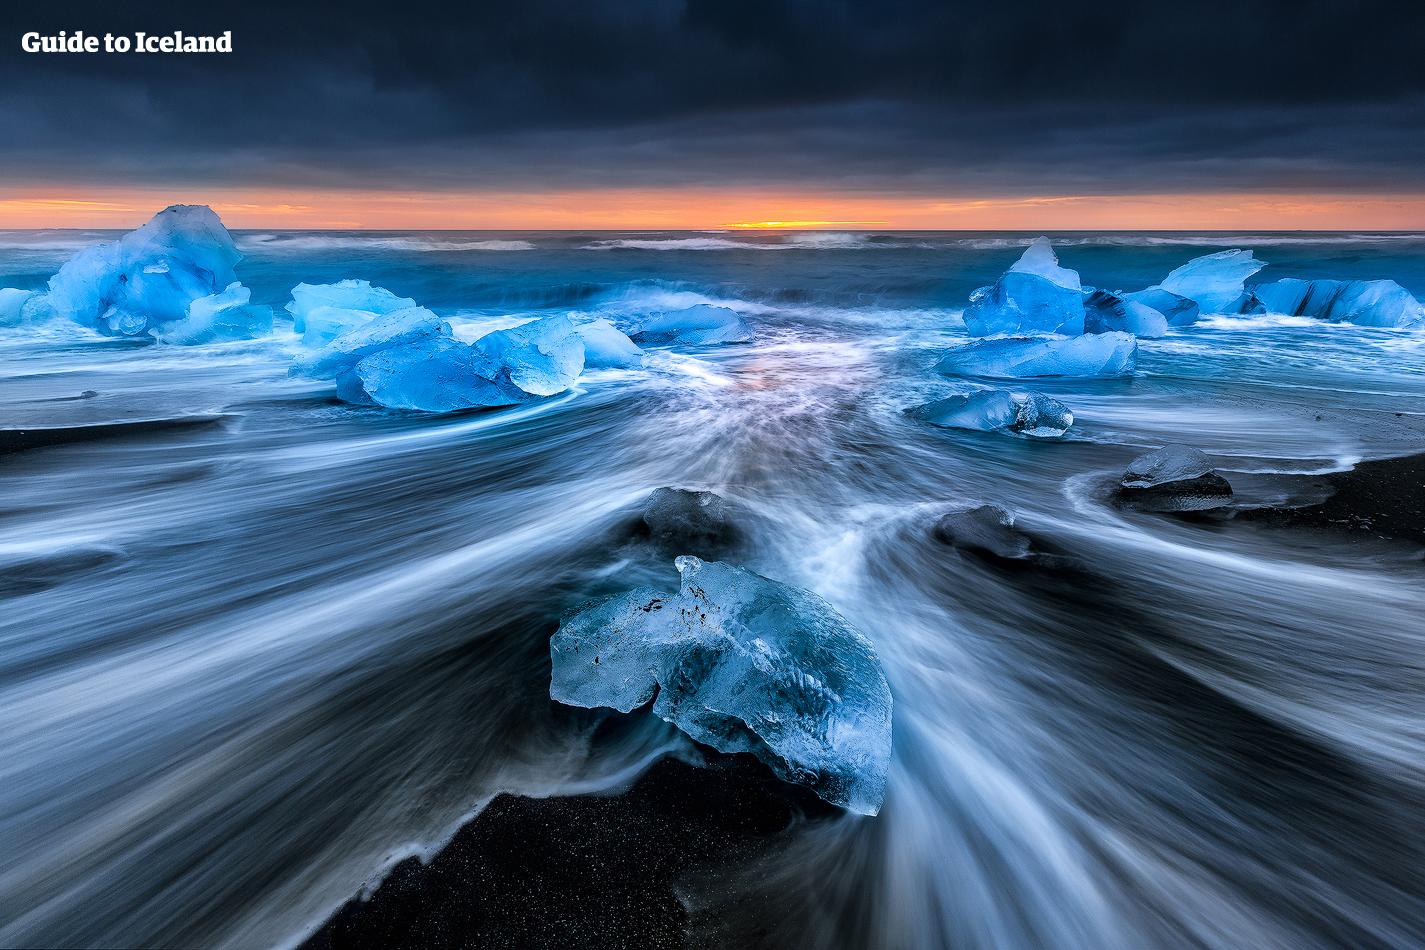 Am Diamantstrand an der Südküste Islands werden Eisberge angespült.